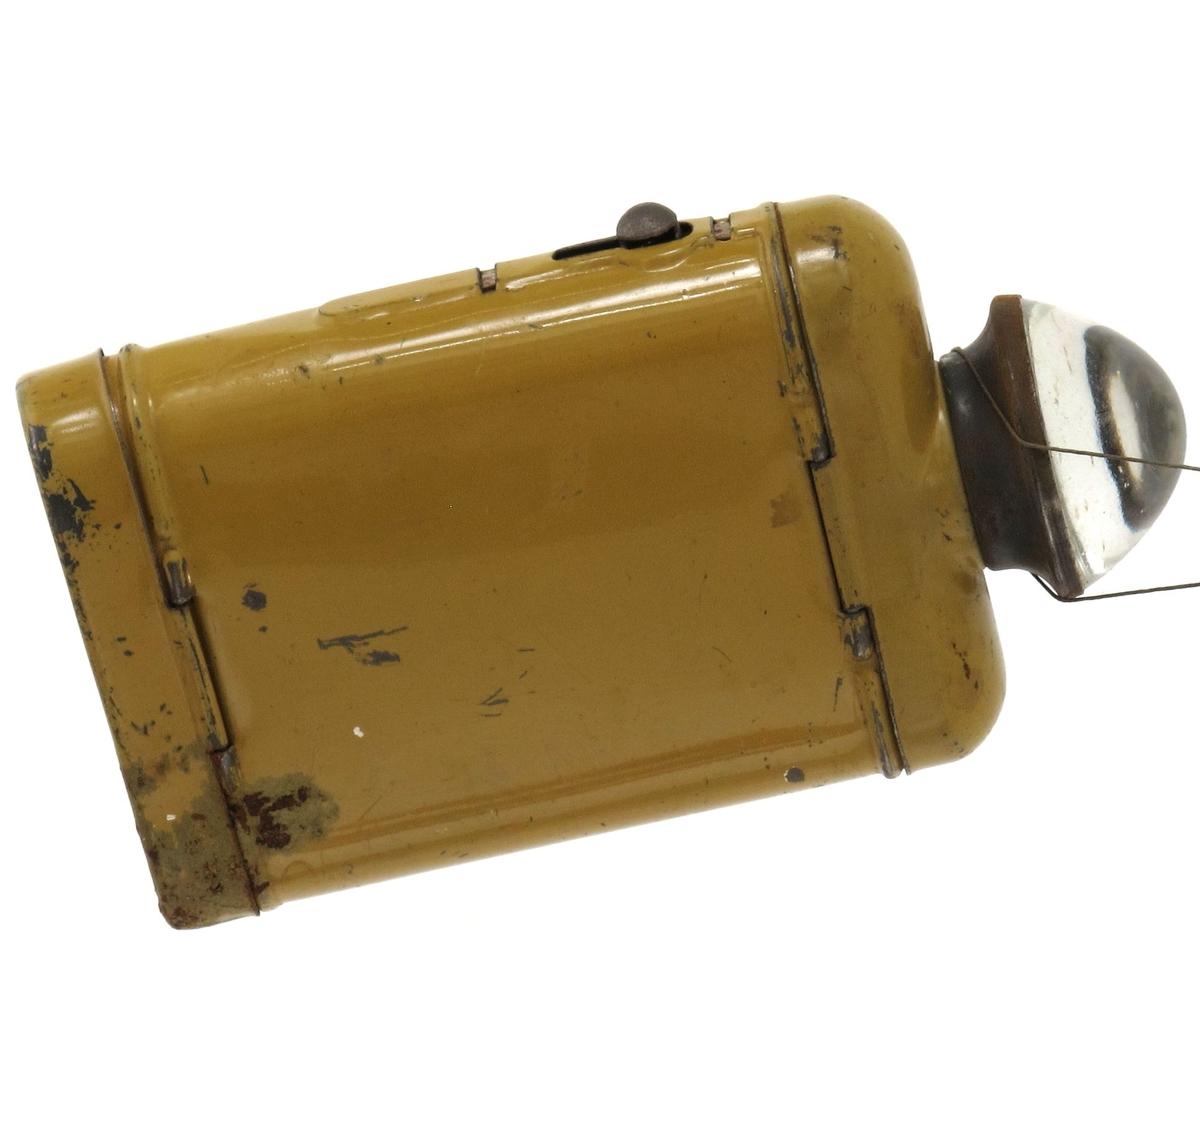 Lommelykt for ett flatt batteri. Glass med linse som sprer lyset. Olivengrønn farge.